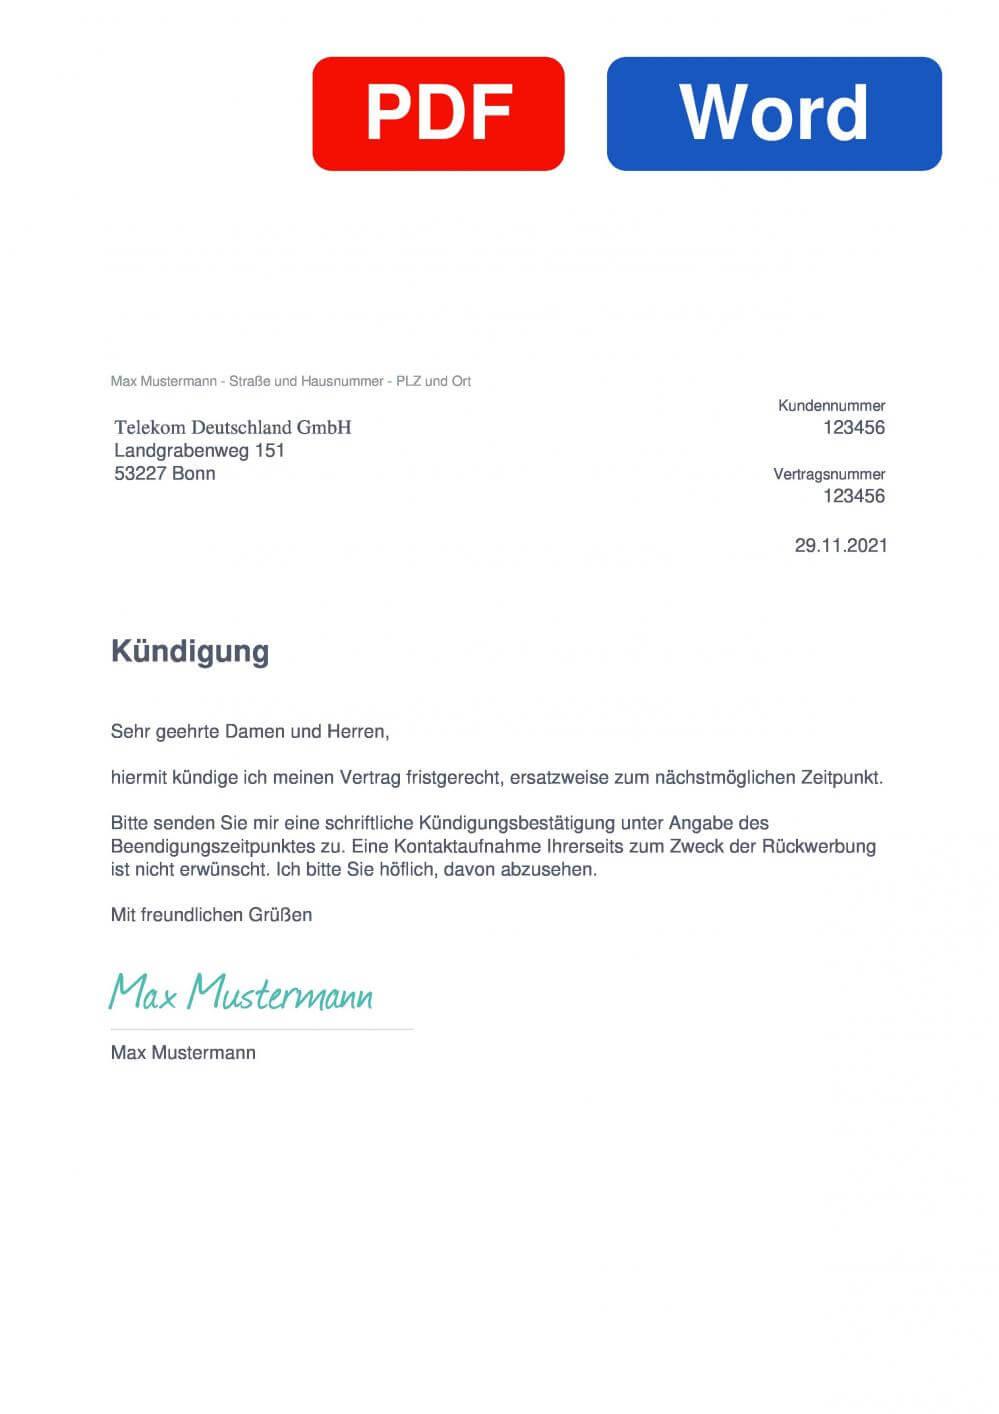 Telekom Magenta Muster Vorlage für Kündigungsschreiben